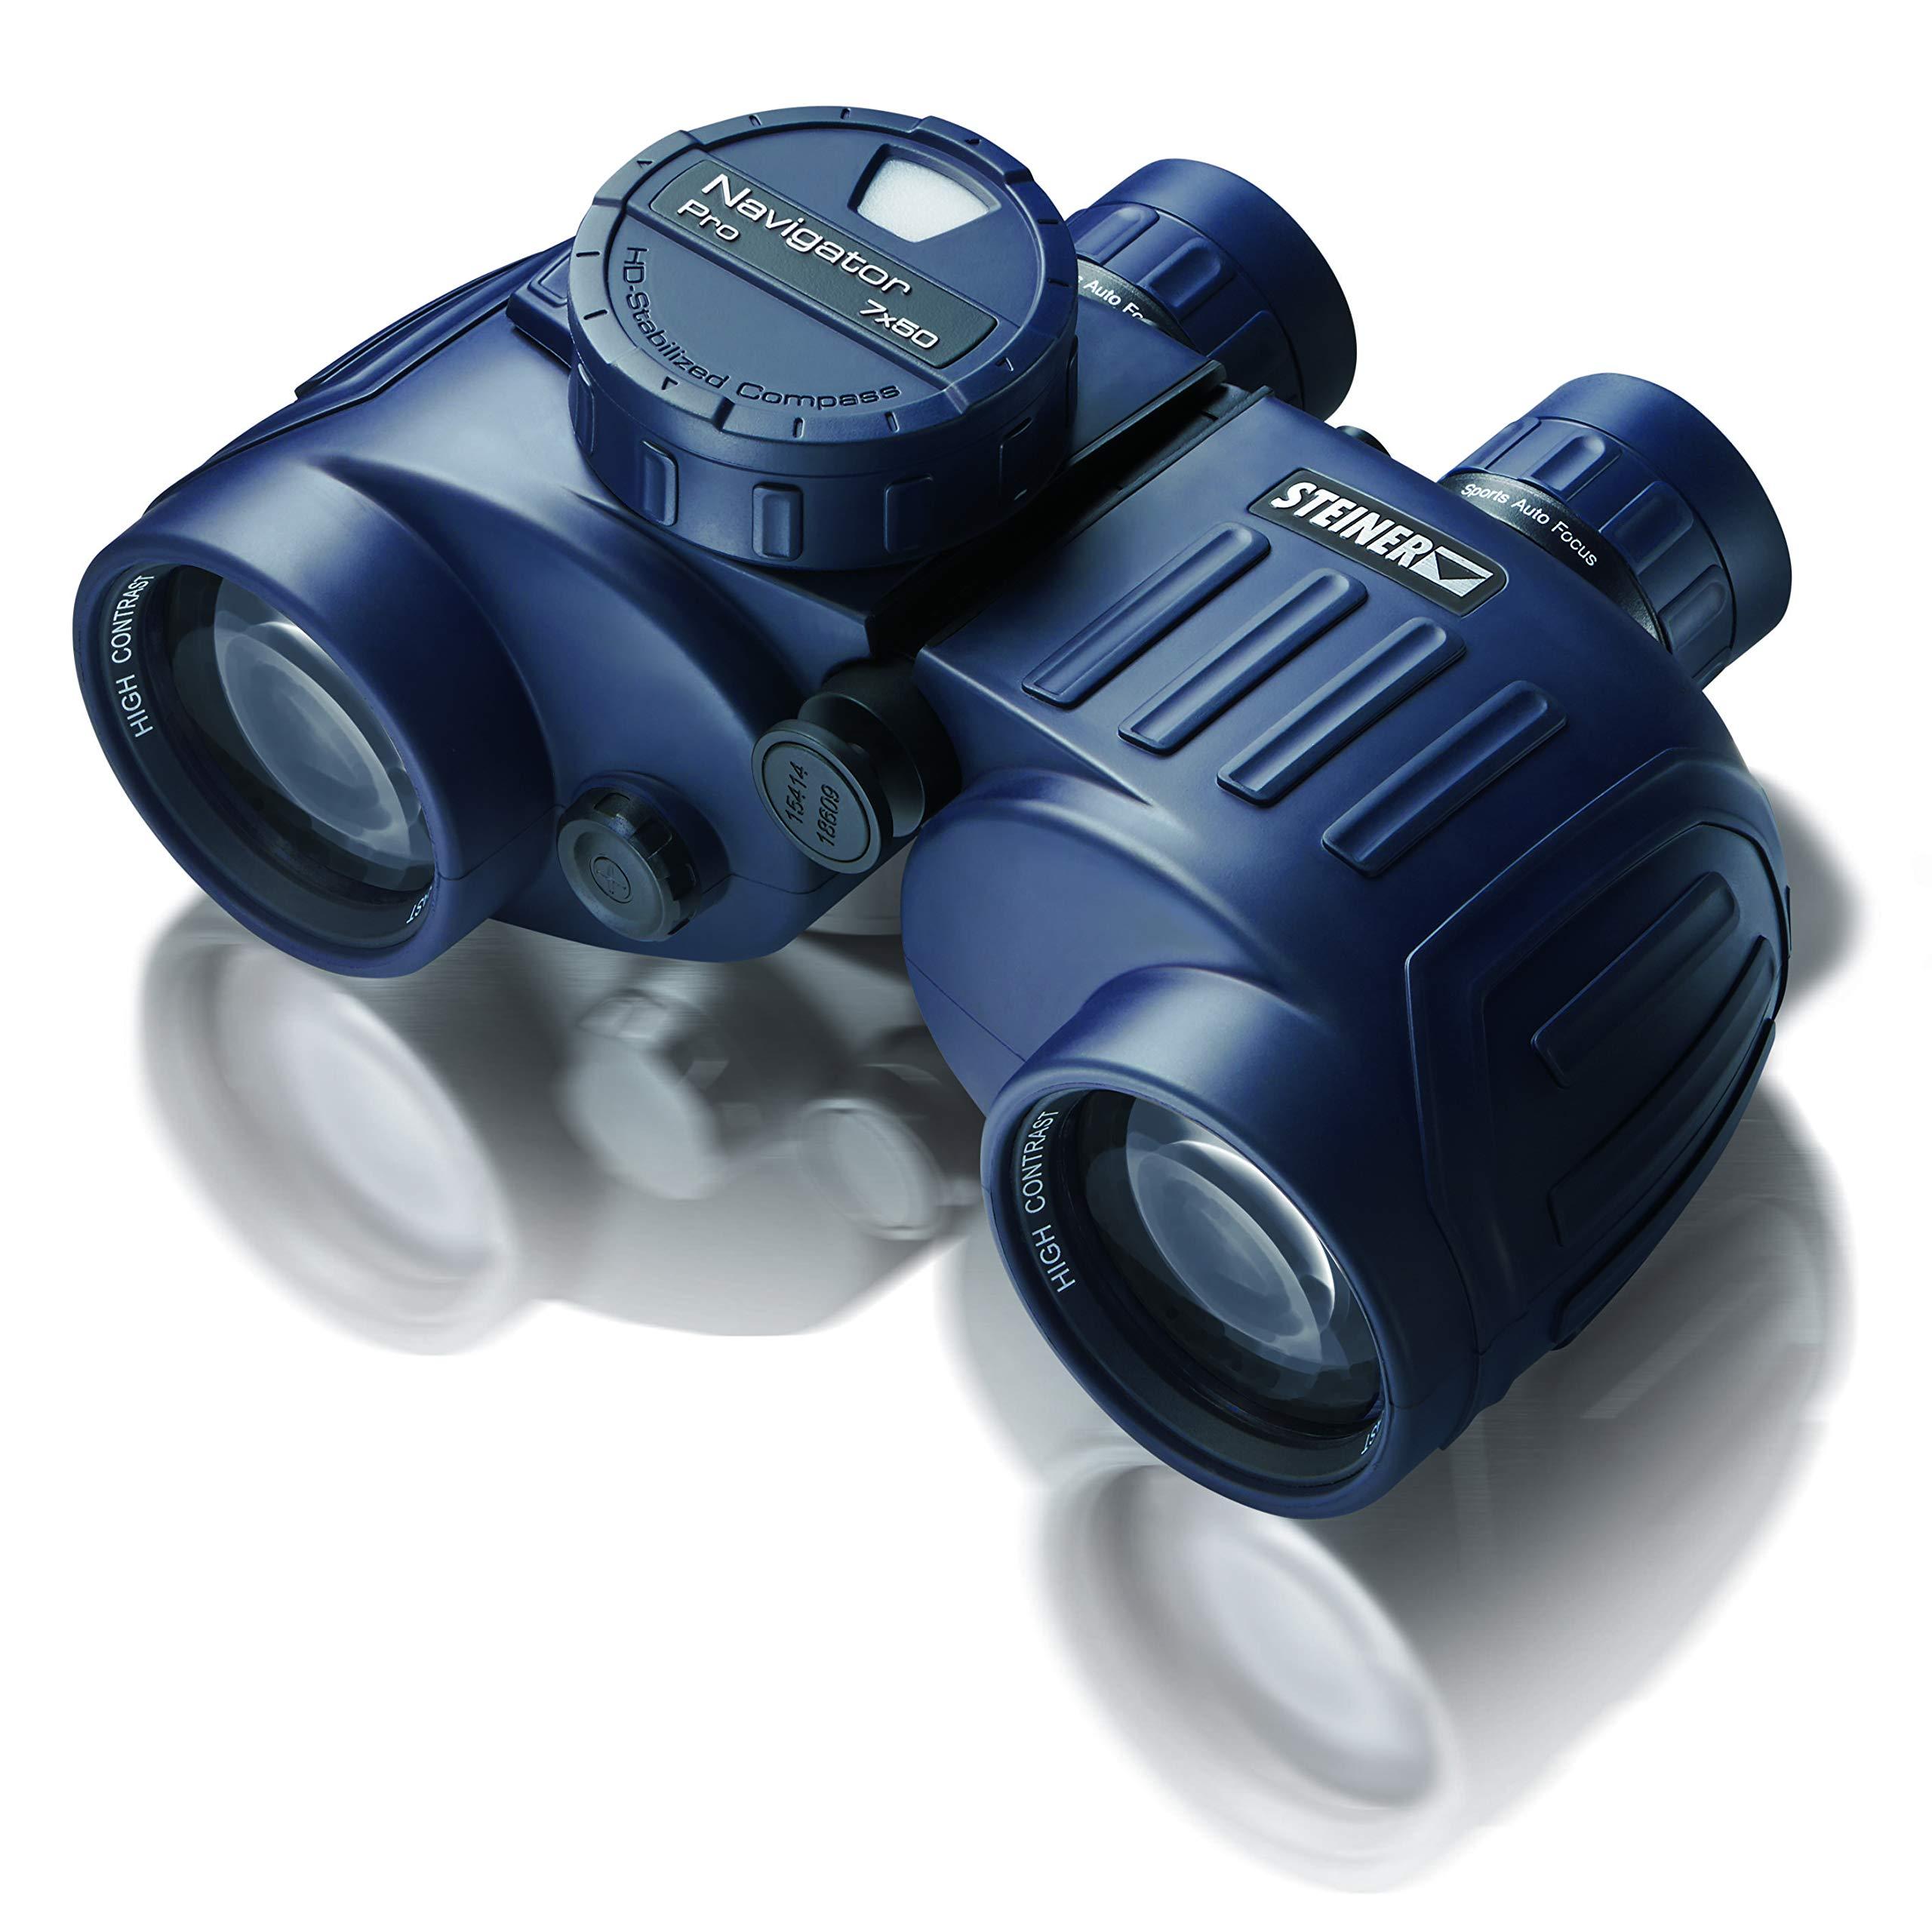 Steiner Navigator Pro 7x50 Binoculars with Compass by Steiner